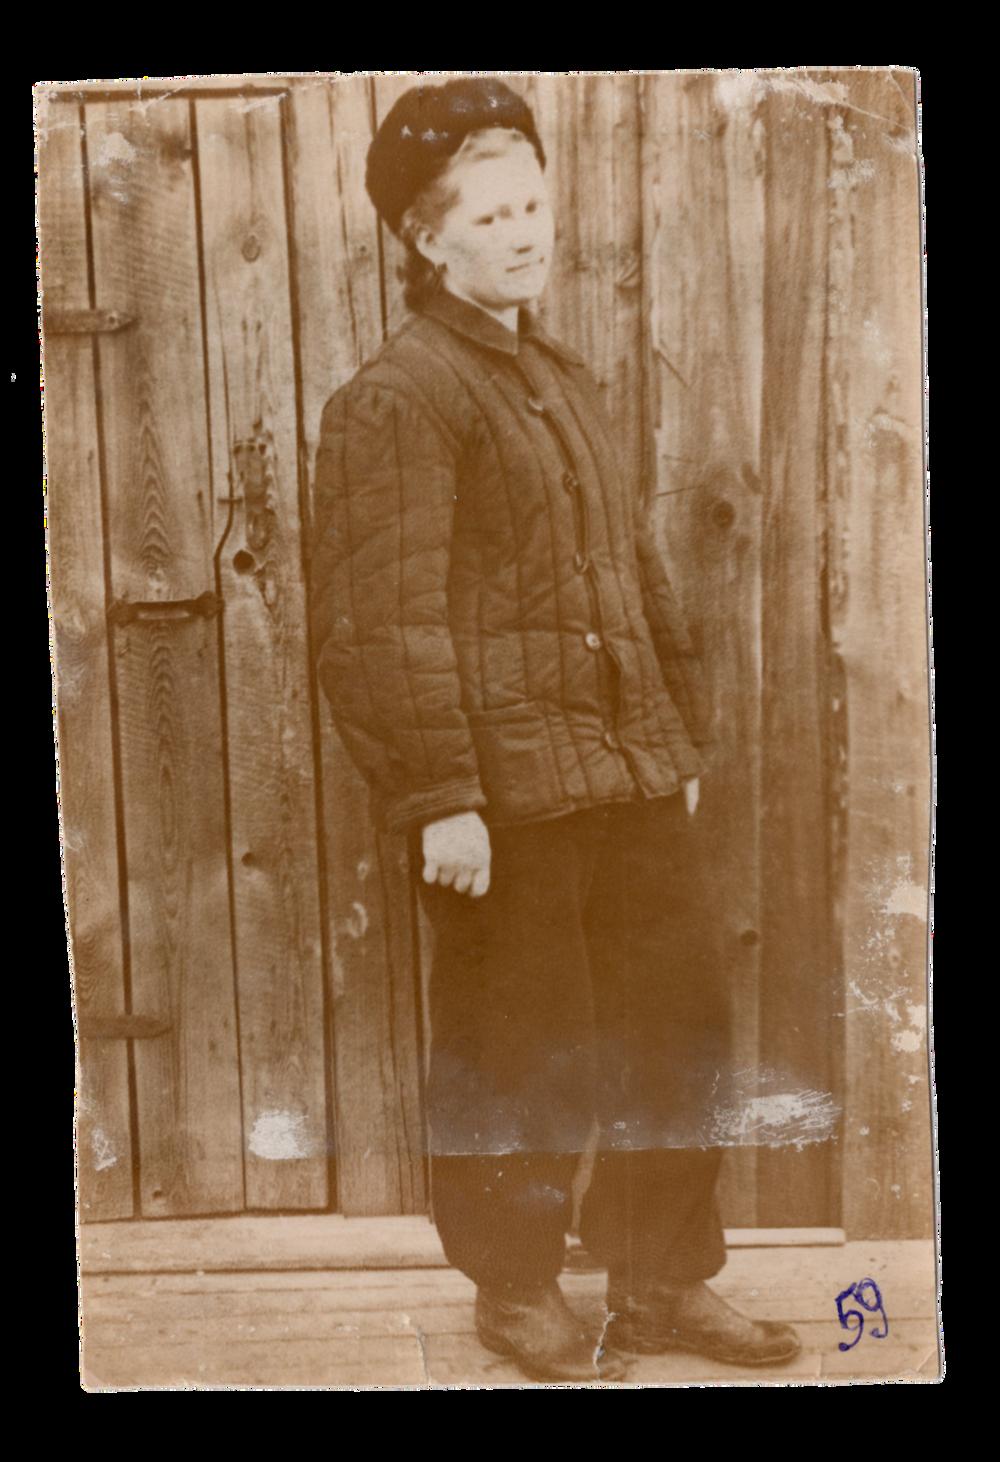 Ганна Іванцова (Слупська), поселення Алгач, 1959. Джерело: Меморіальний музей «Територія Терору»